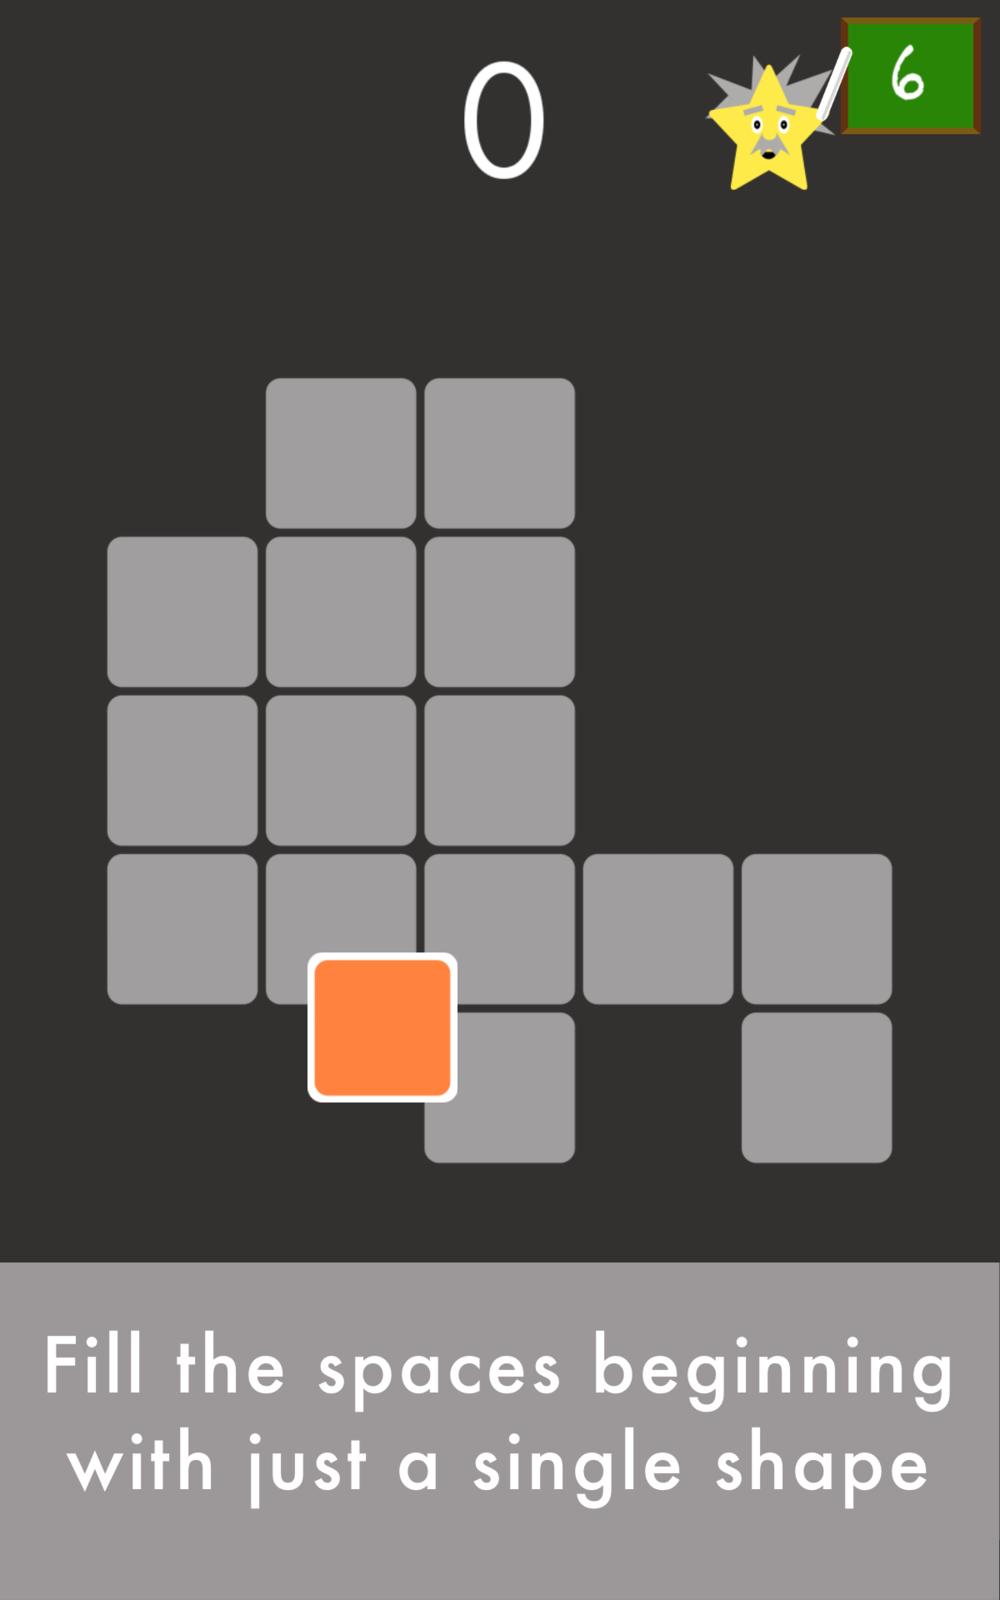 AndroidTabletScreenshot1.png